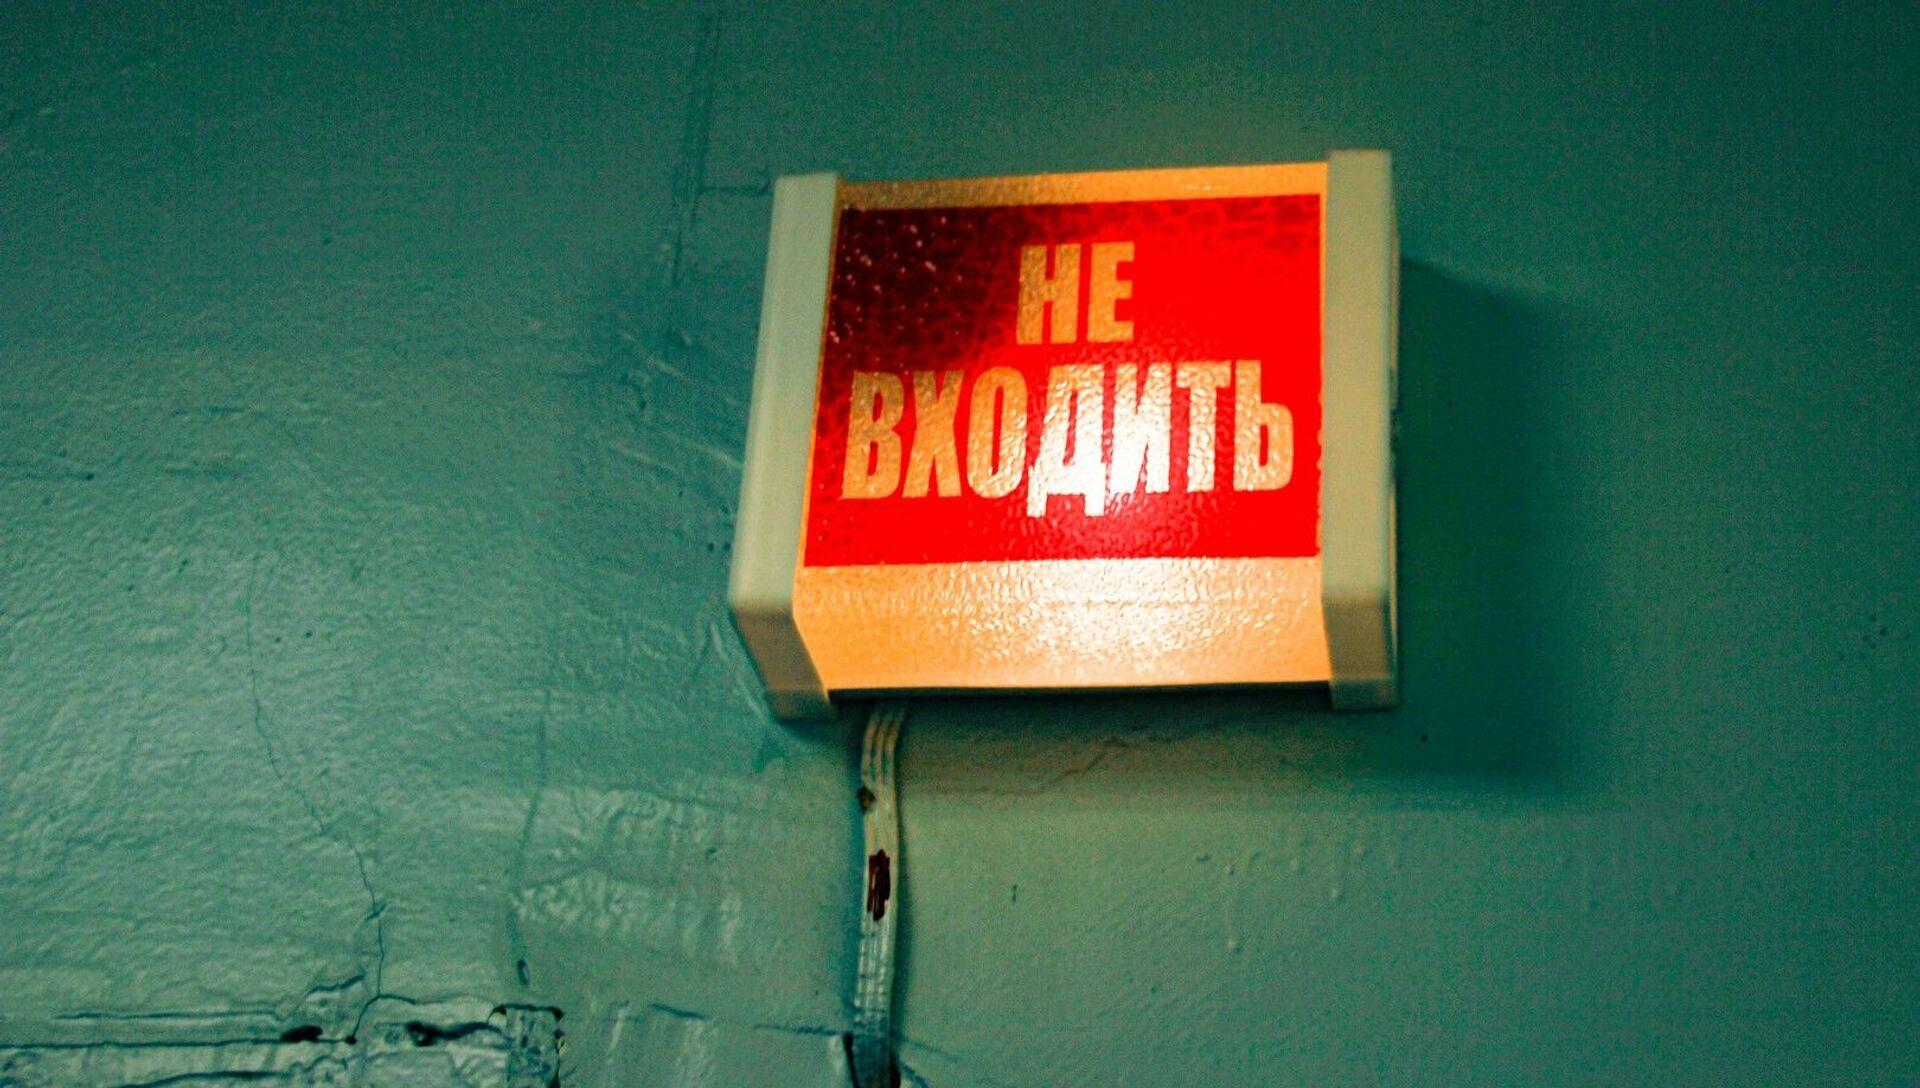 Скорая помощь - РИА Новости, 1920, 28.04.2021